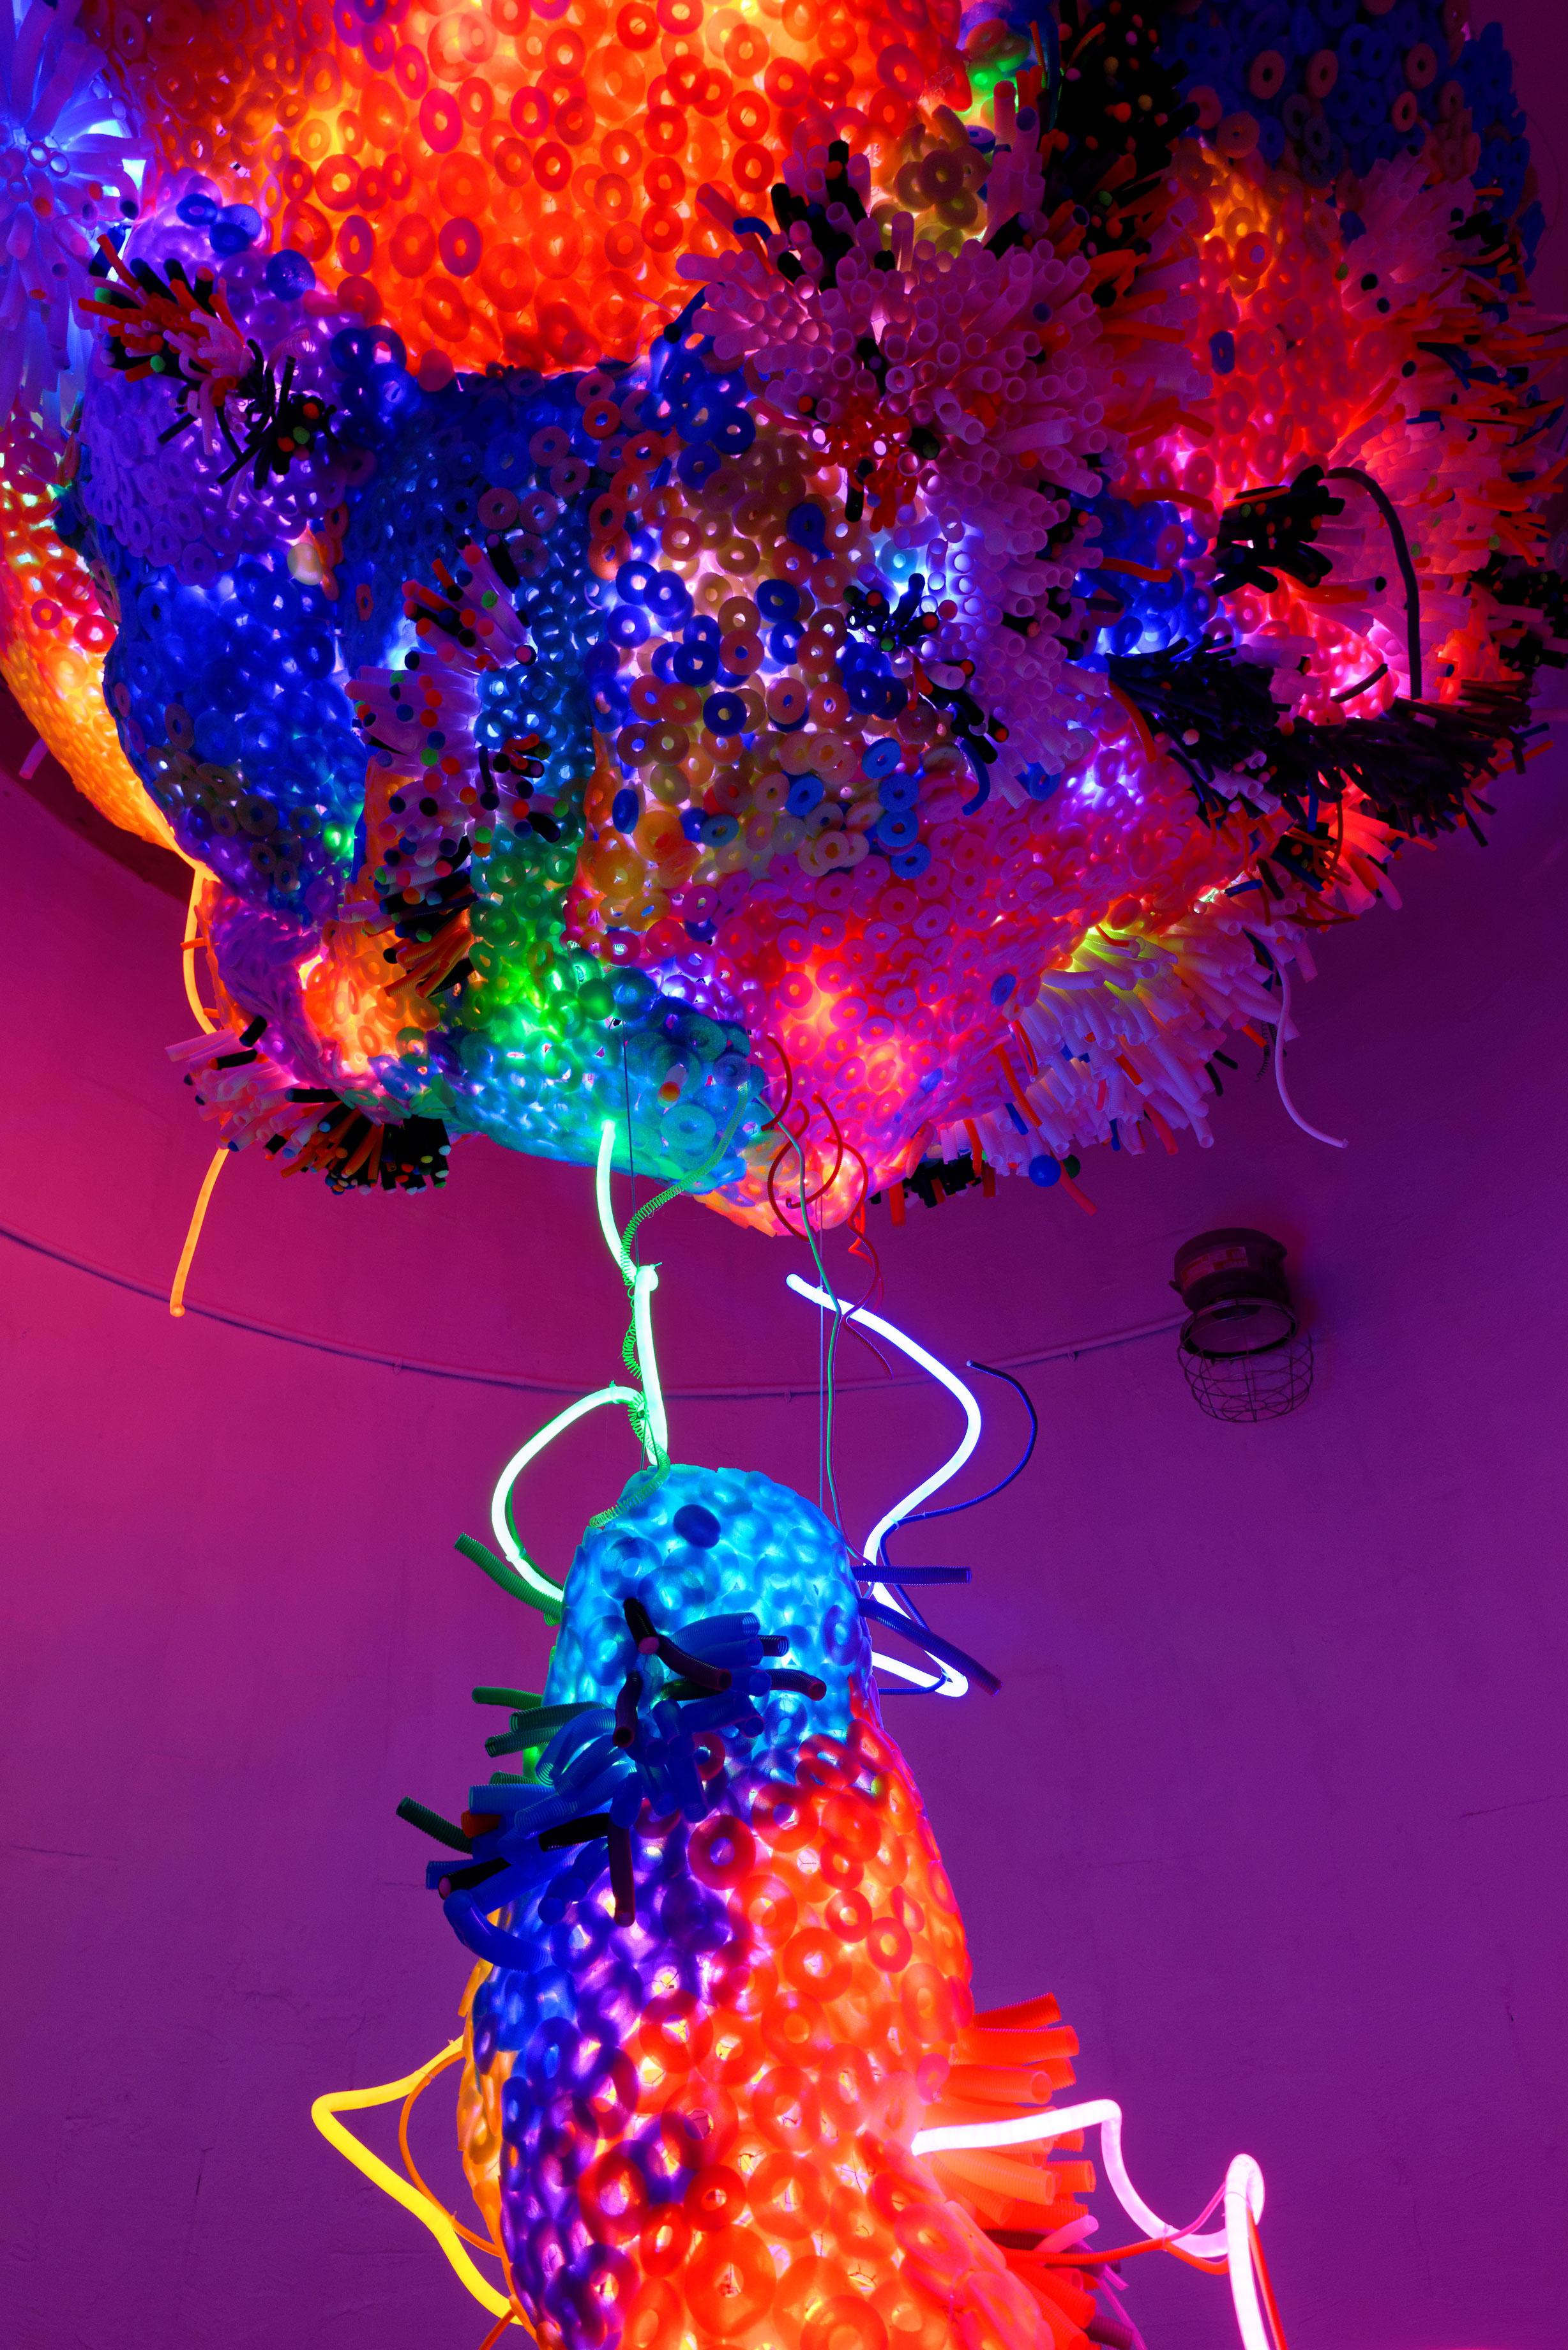 Adela Andea, Inner Sanctum Flex Neon, Stahl, Plexiglas, Schaumstoff, Ausstellungsansicht, The Site Gallery, Houston, TX, USA, 2016 © Adela Andea